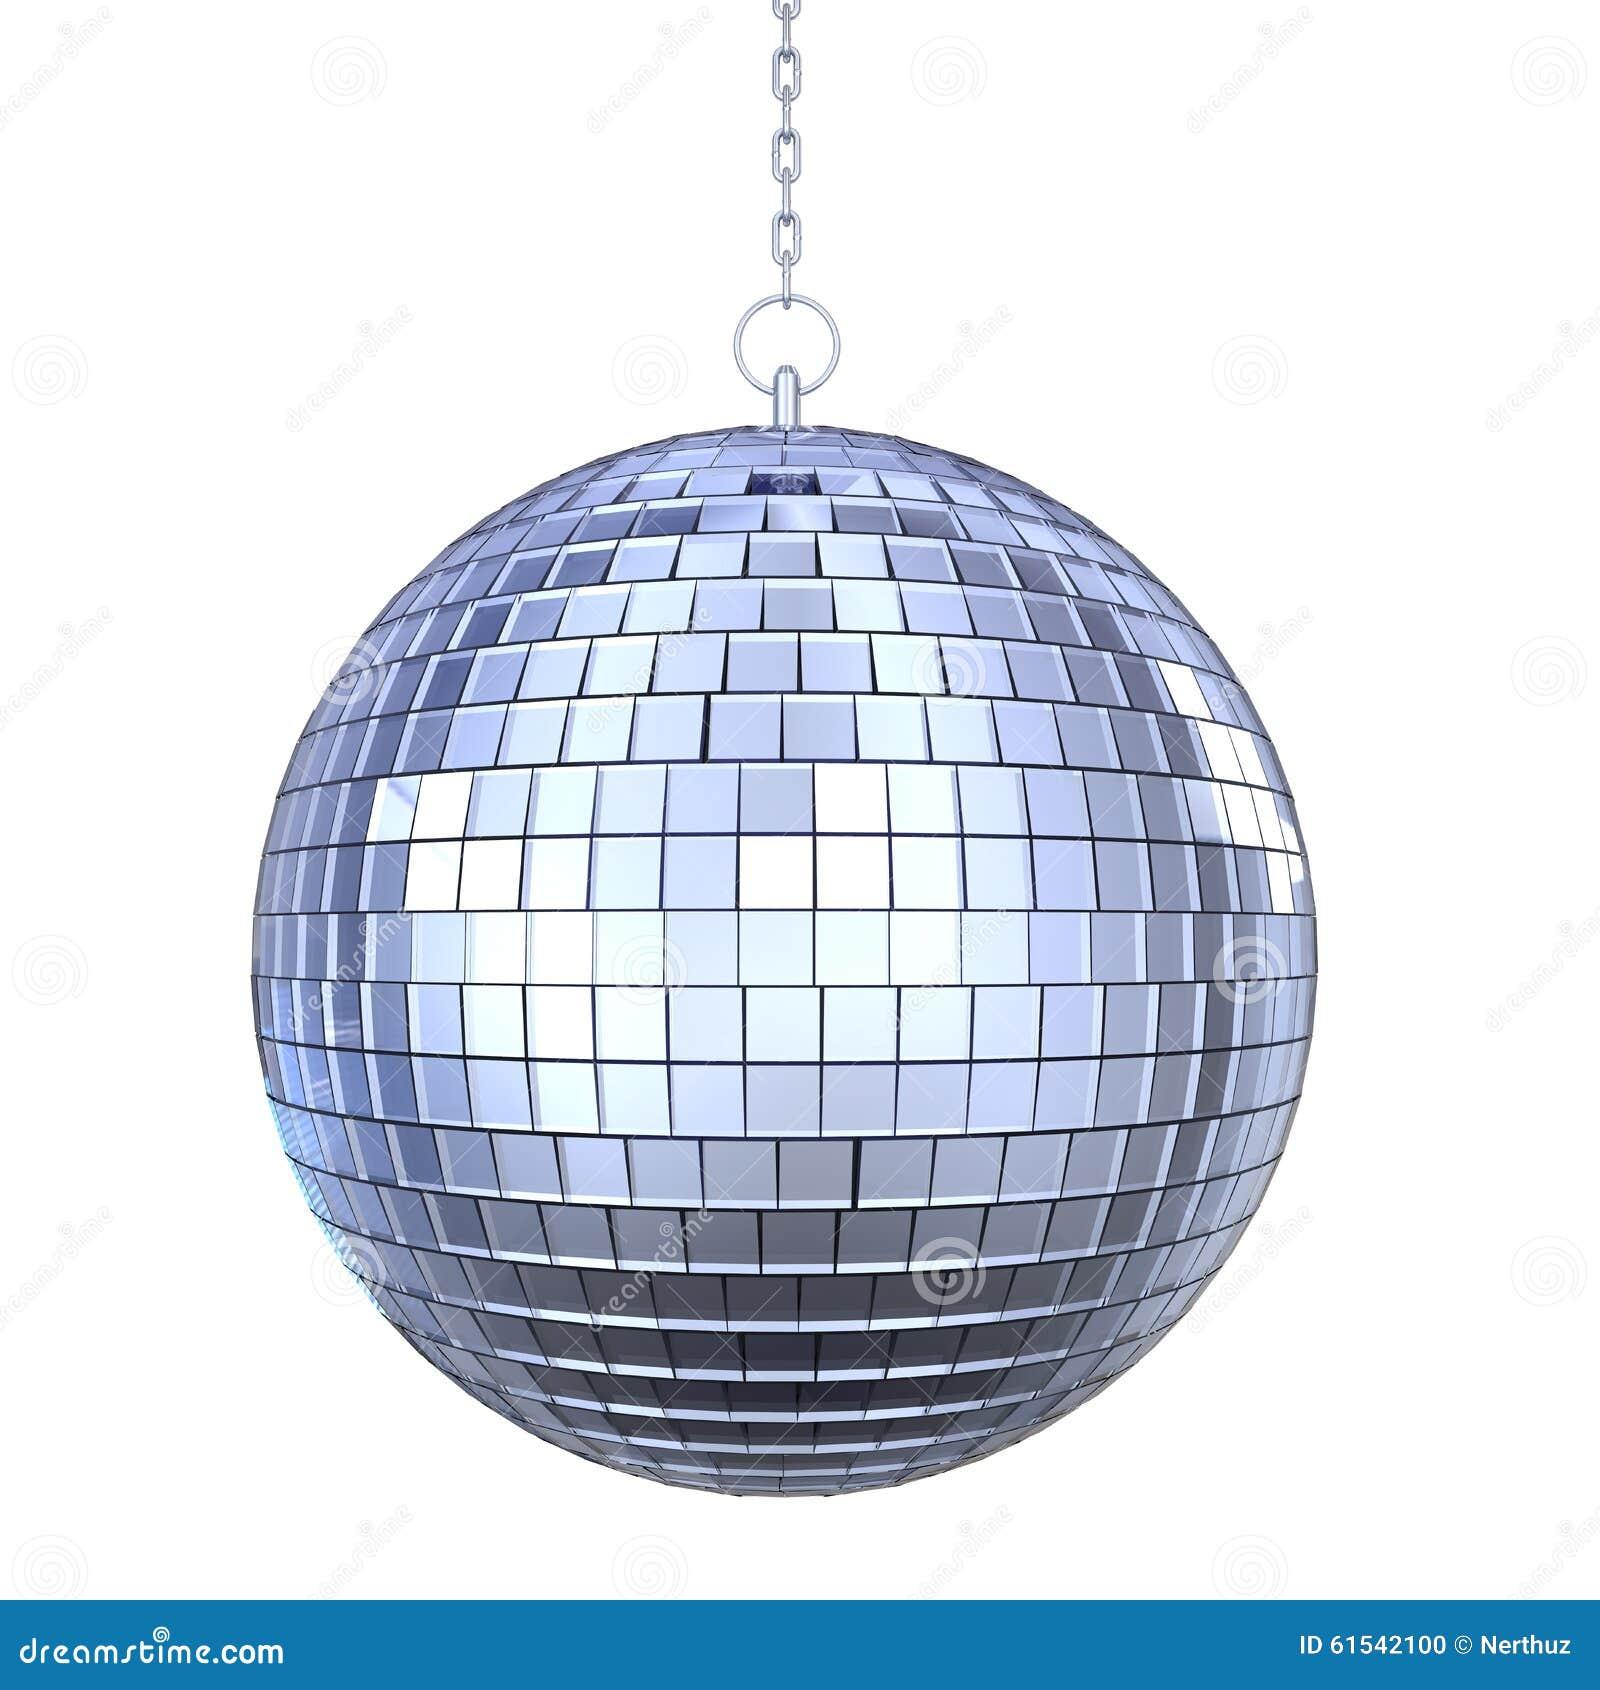 disco ball background white - photo #5